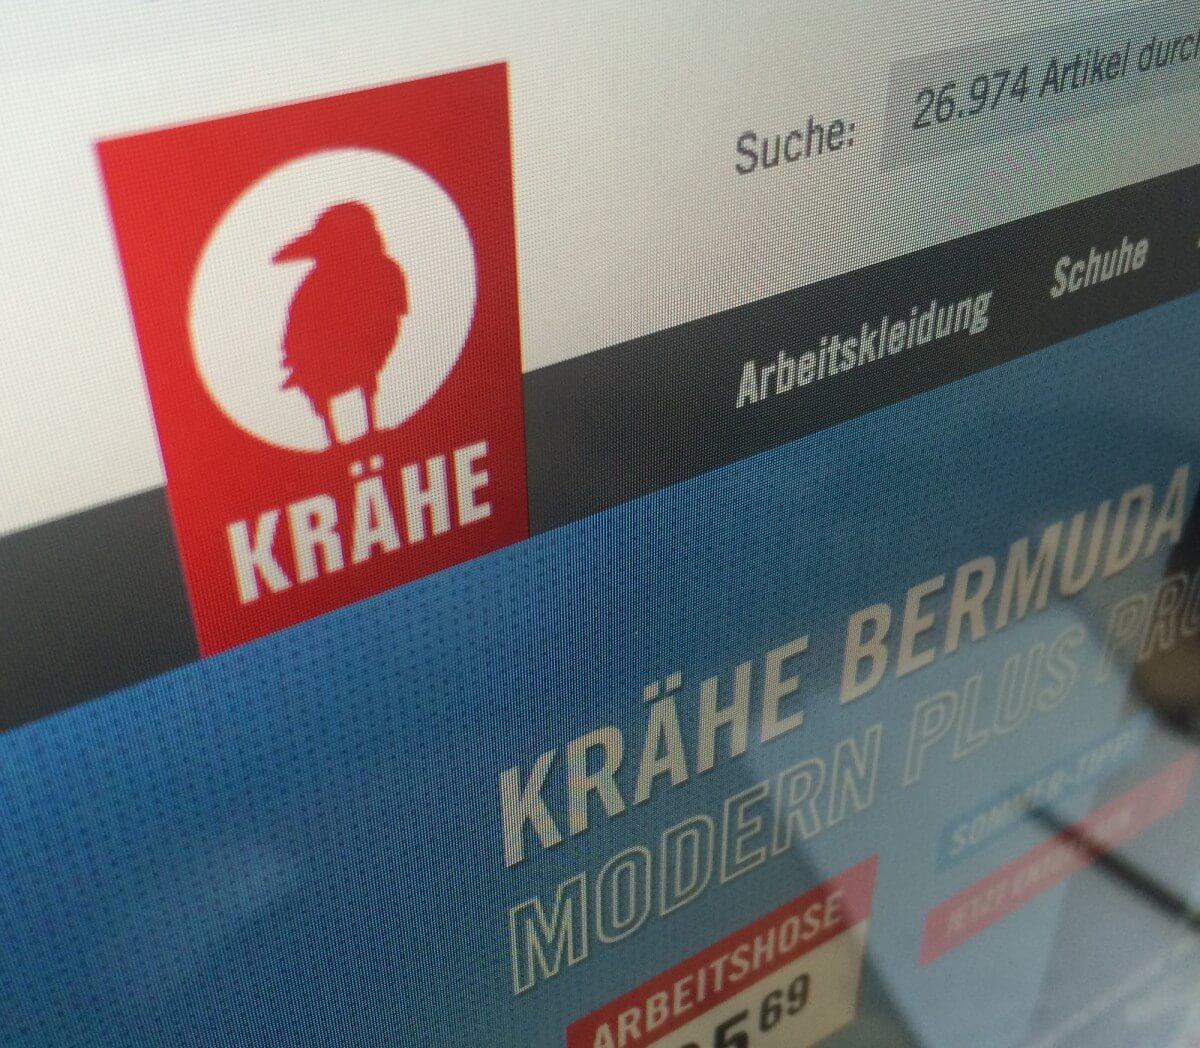 Relaunch von www.kraehe.com